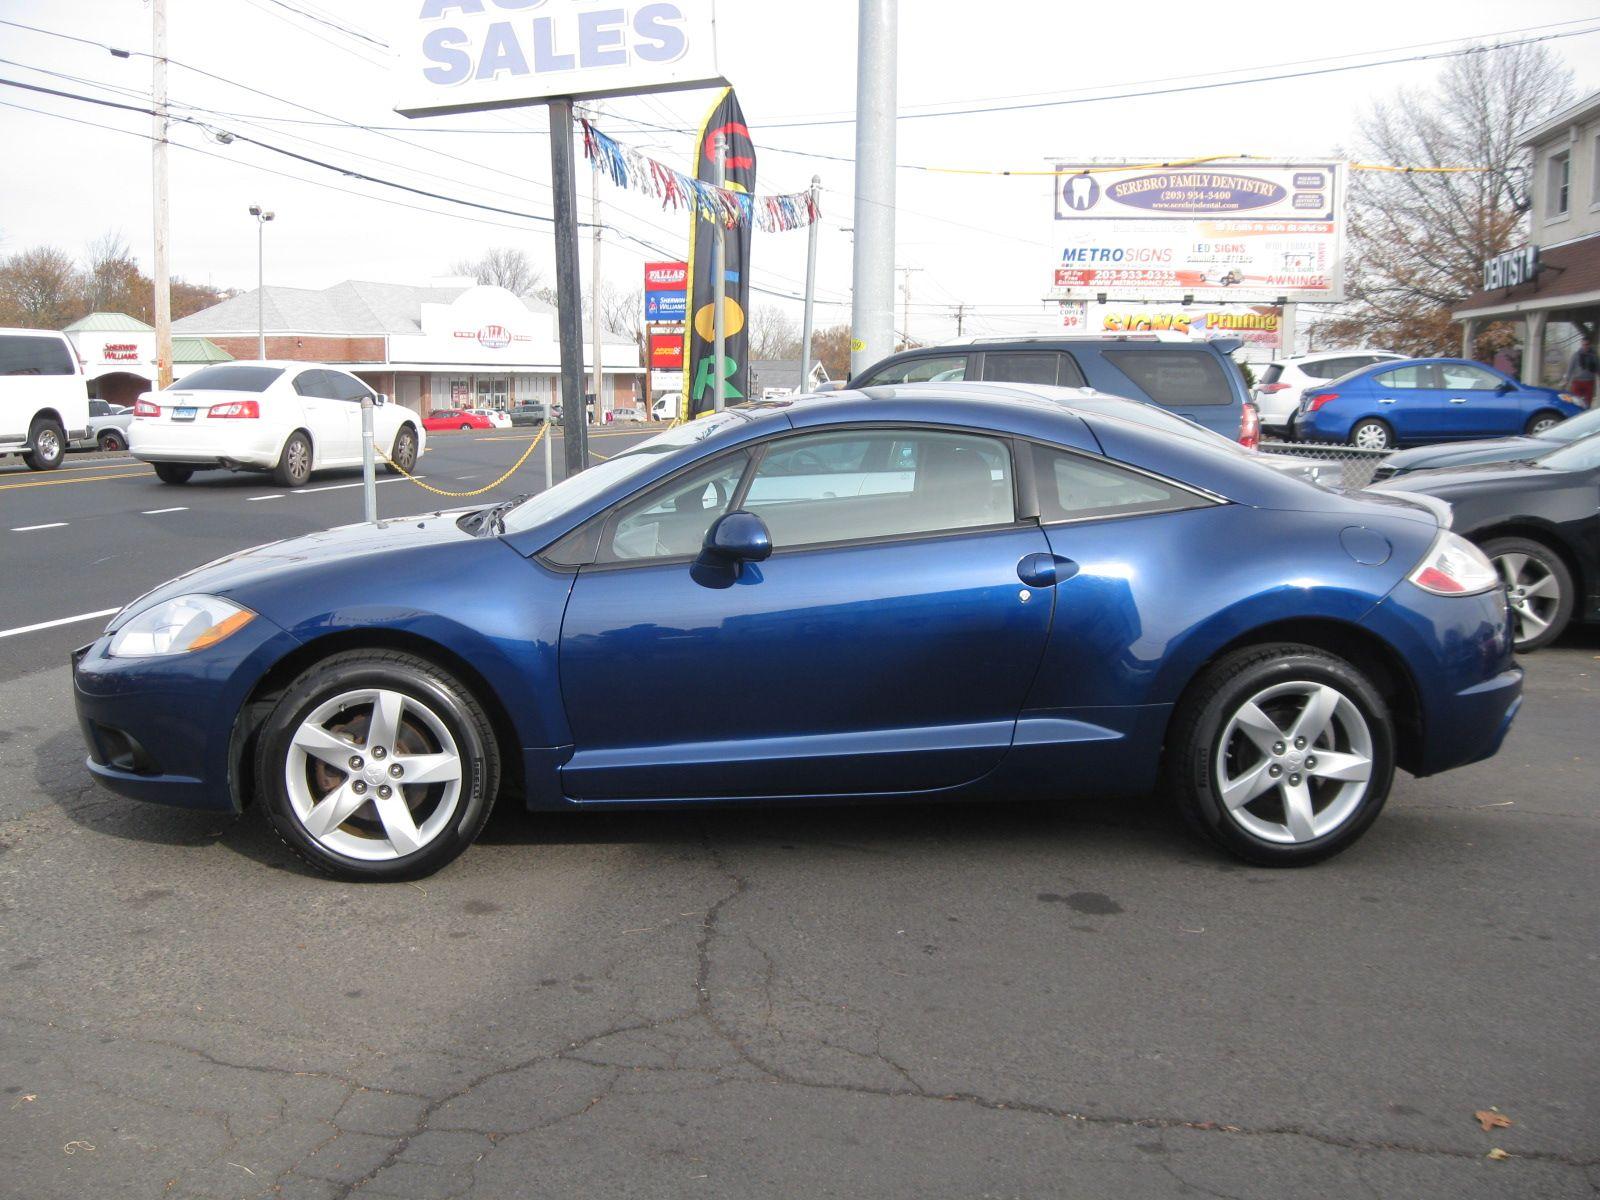 Charmant 2009 Mitsubishi Eclipse GS City CT York Auto Sales In , ...